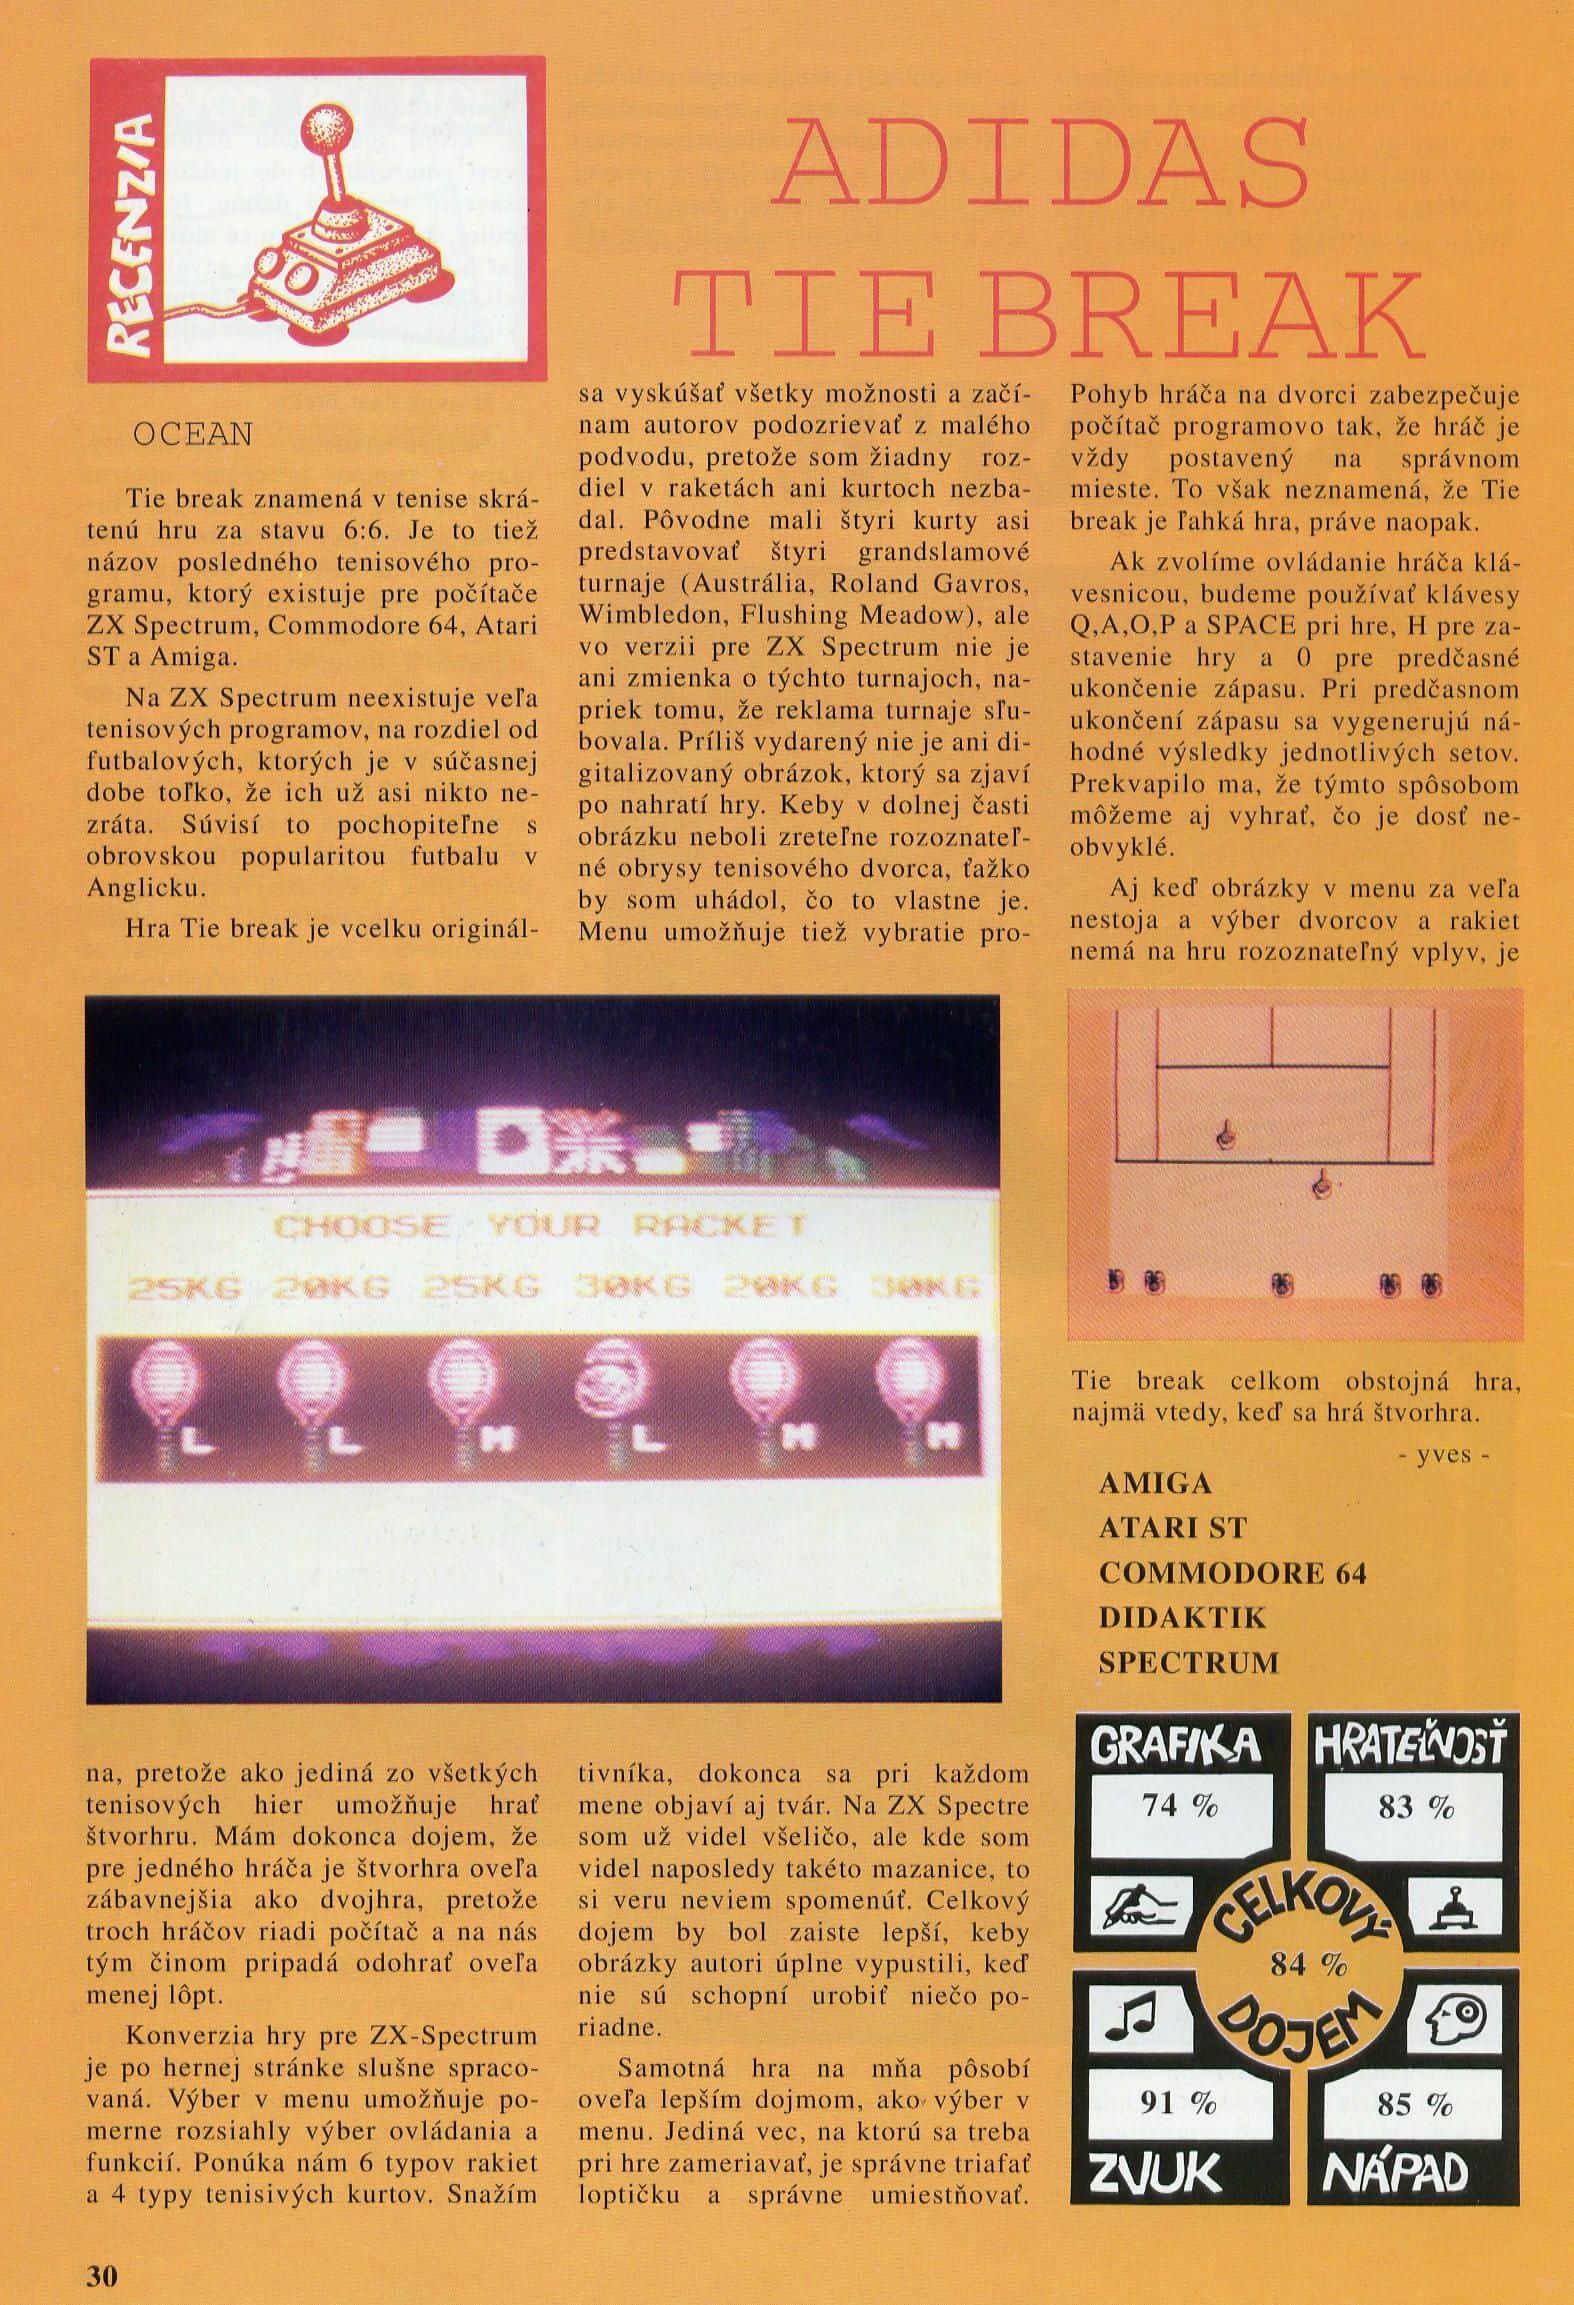 strana-30